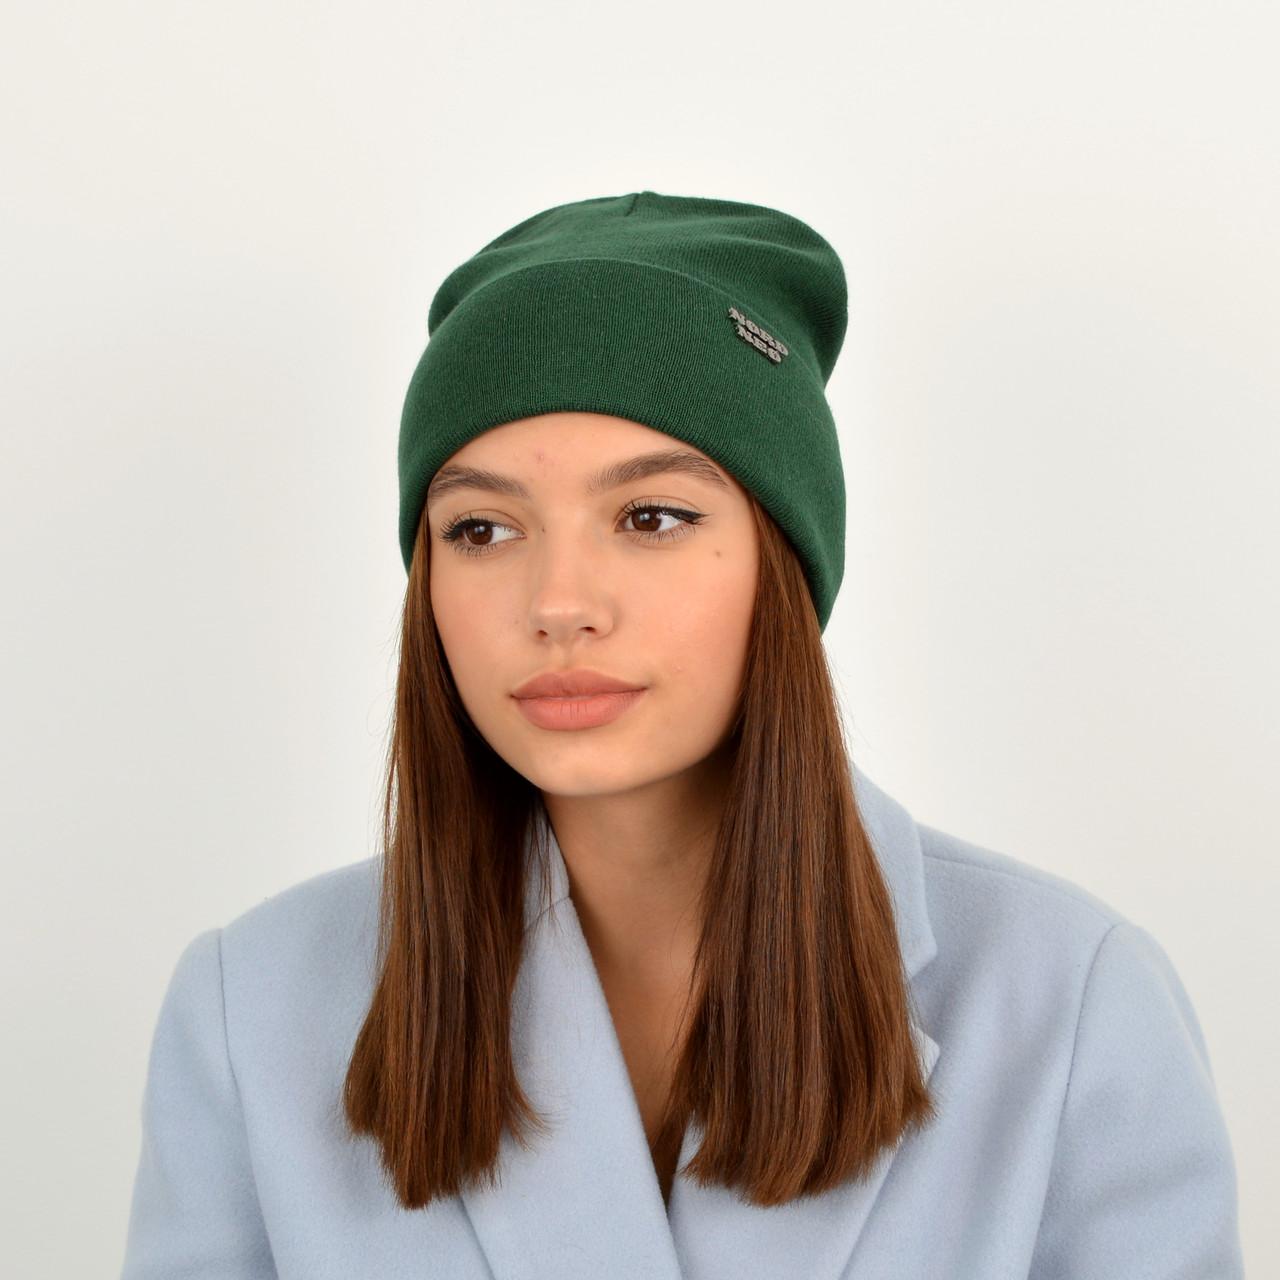 Шапка хлопковая 1428 зеленый